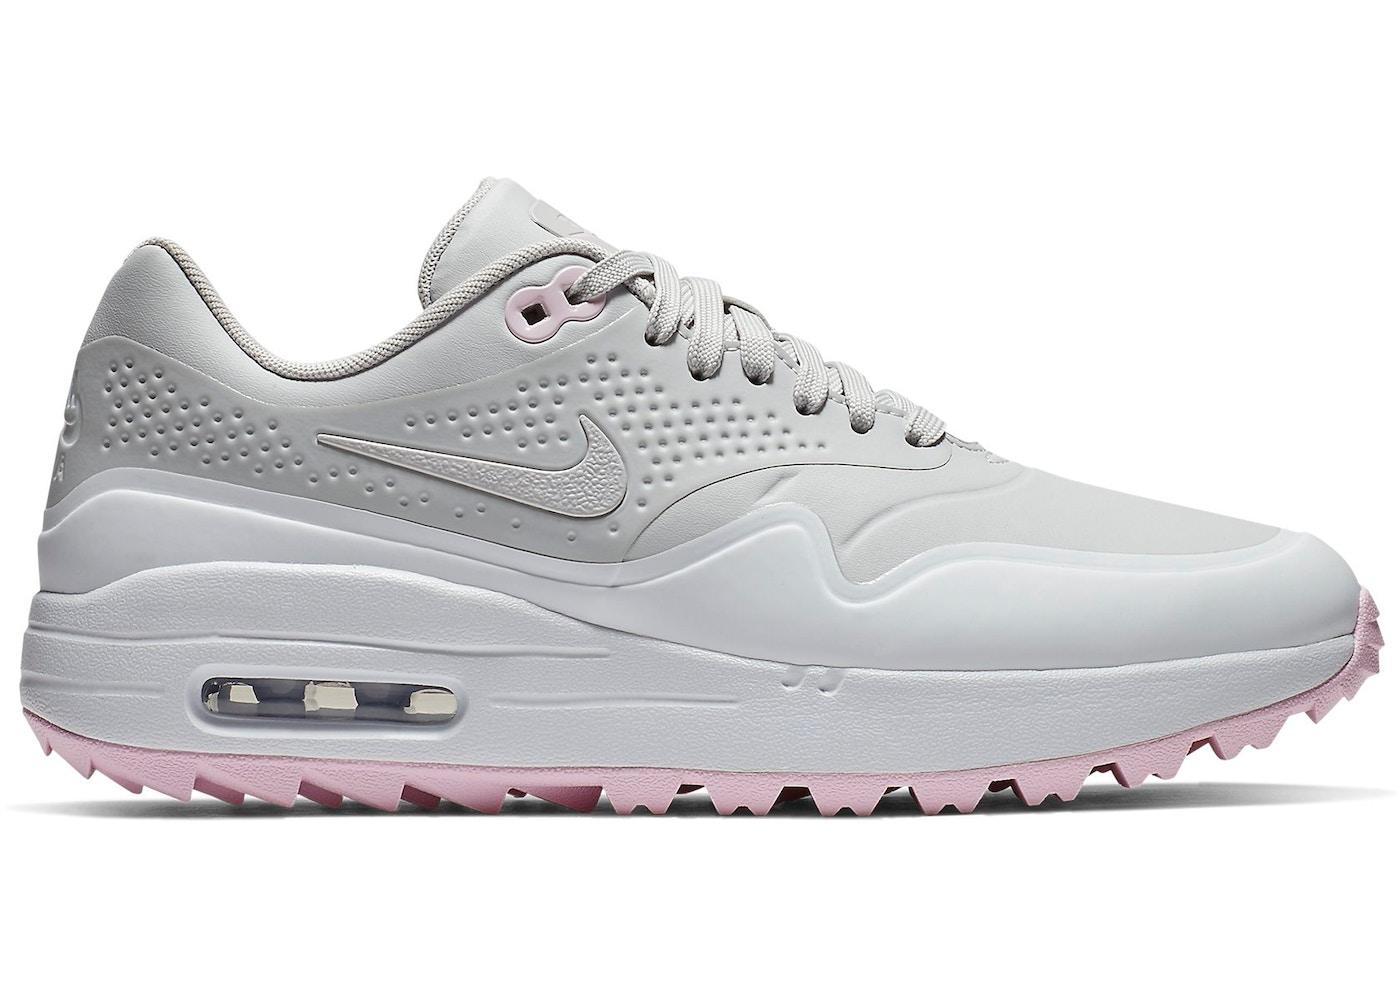 6fc1f68443b Air Max 1 Golf Vast Grey Pink Foam (W) - AQ0865-001